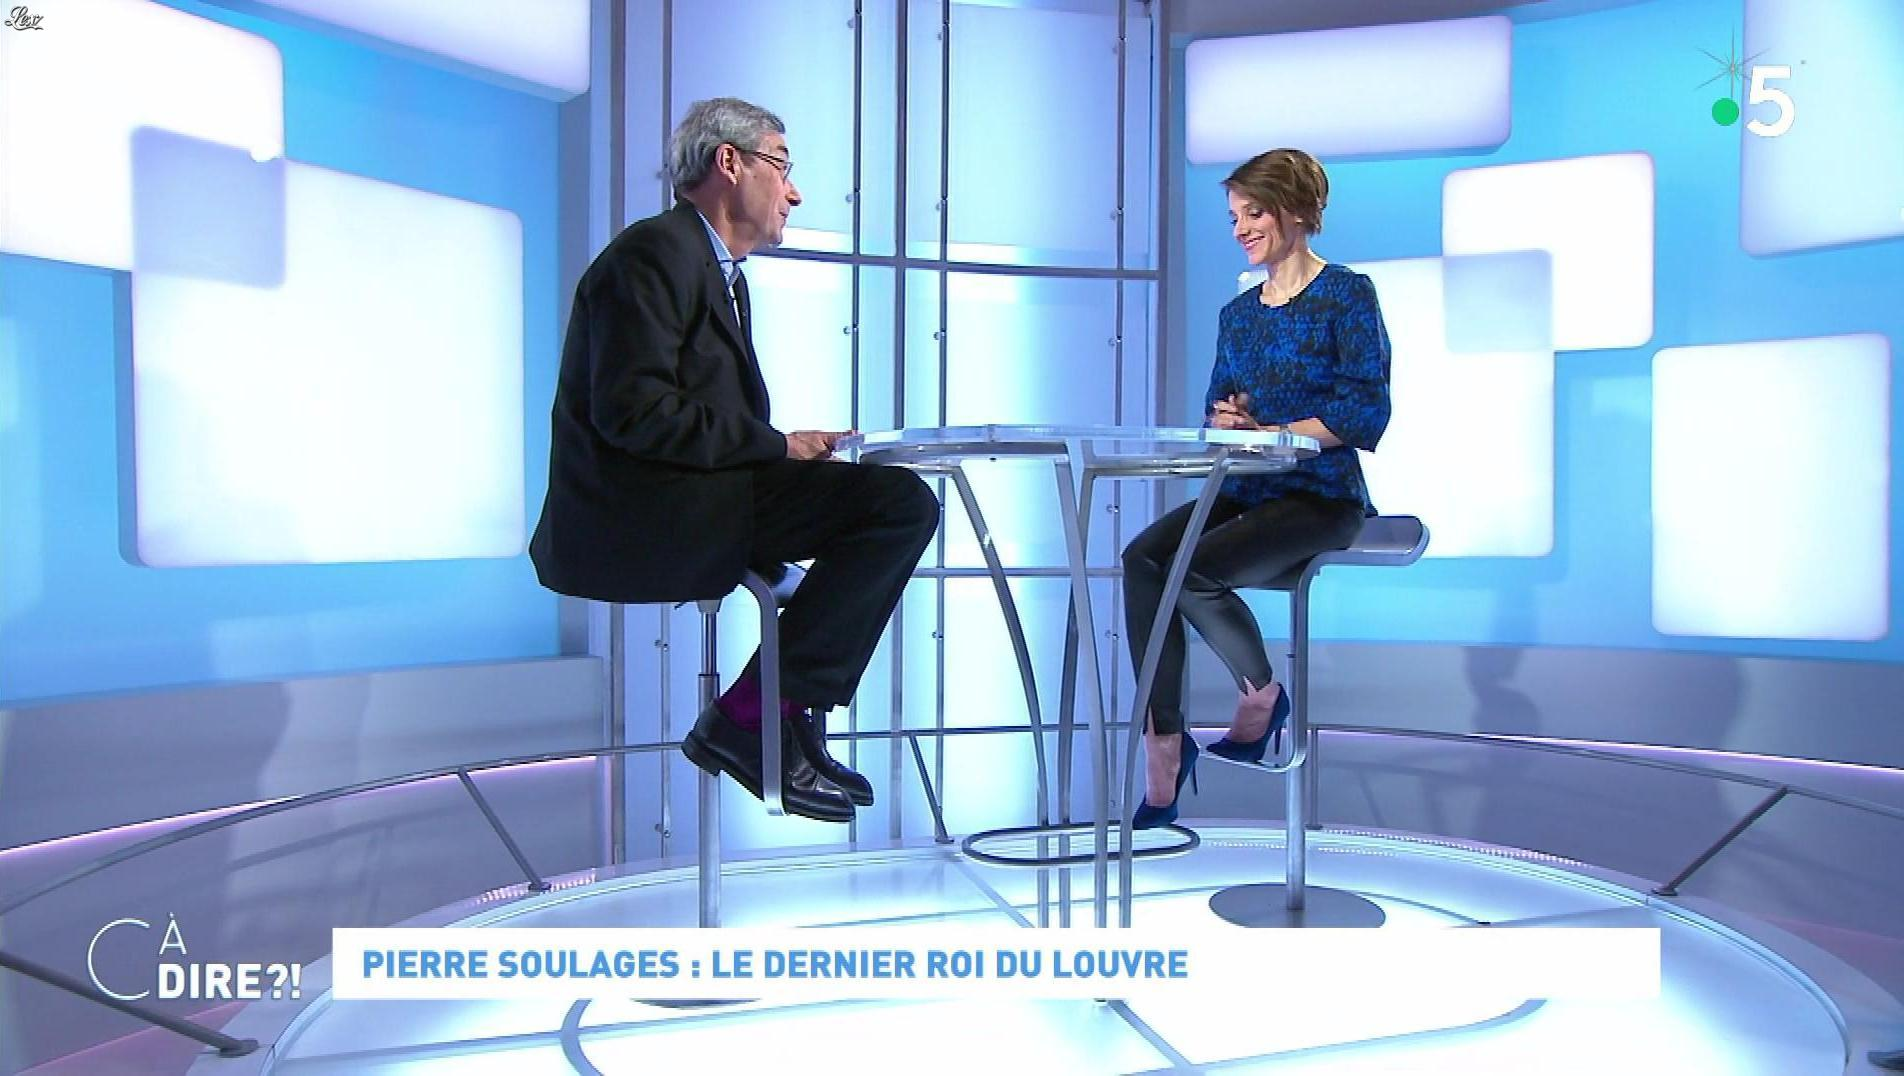 Mélanie Taravant dans C à Dire. Diffusé à la télévision le 31/12/19.